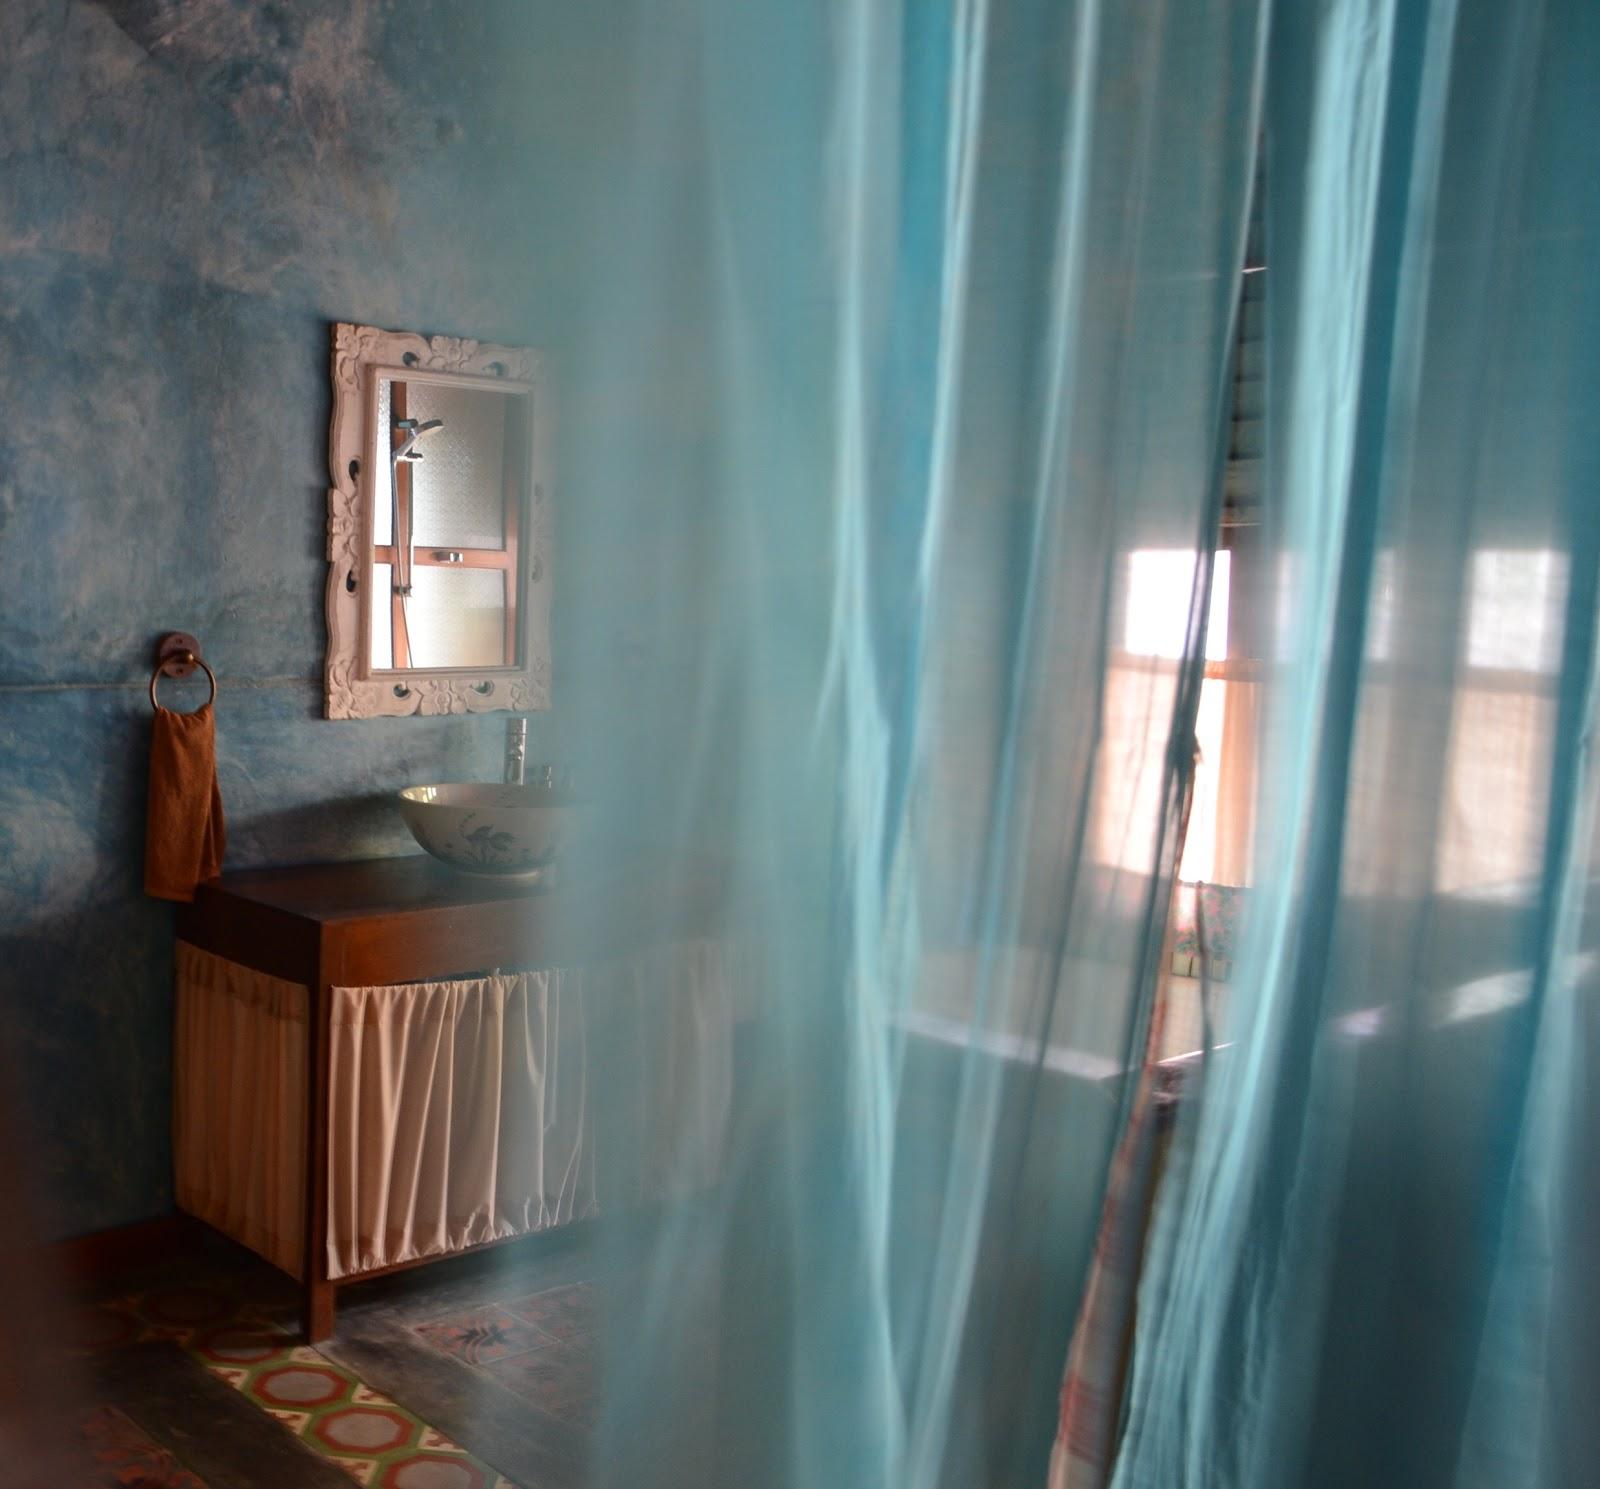 Meuble Salle De Bain Nancy ~ Ventilateur Salle De Bain Panasonic Belle Maison Design Tarzx Com